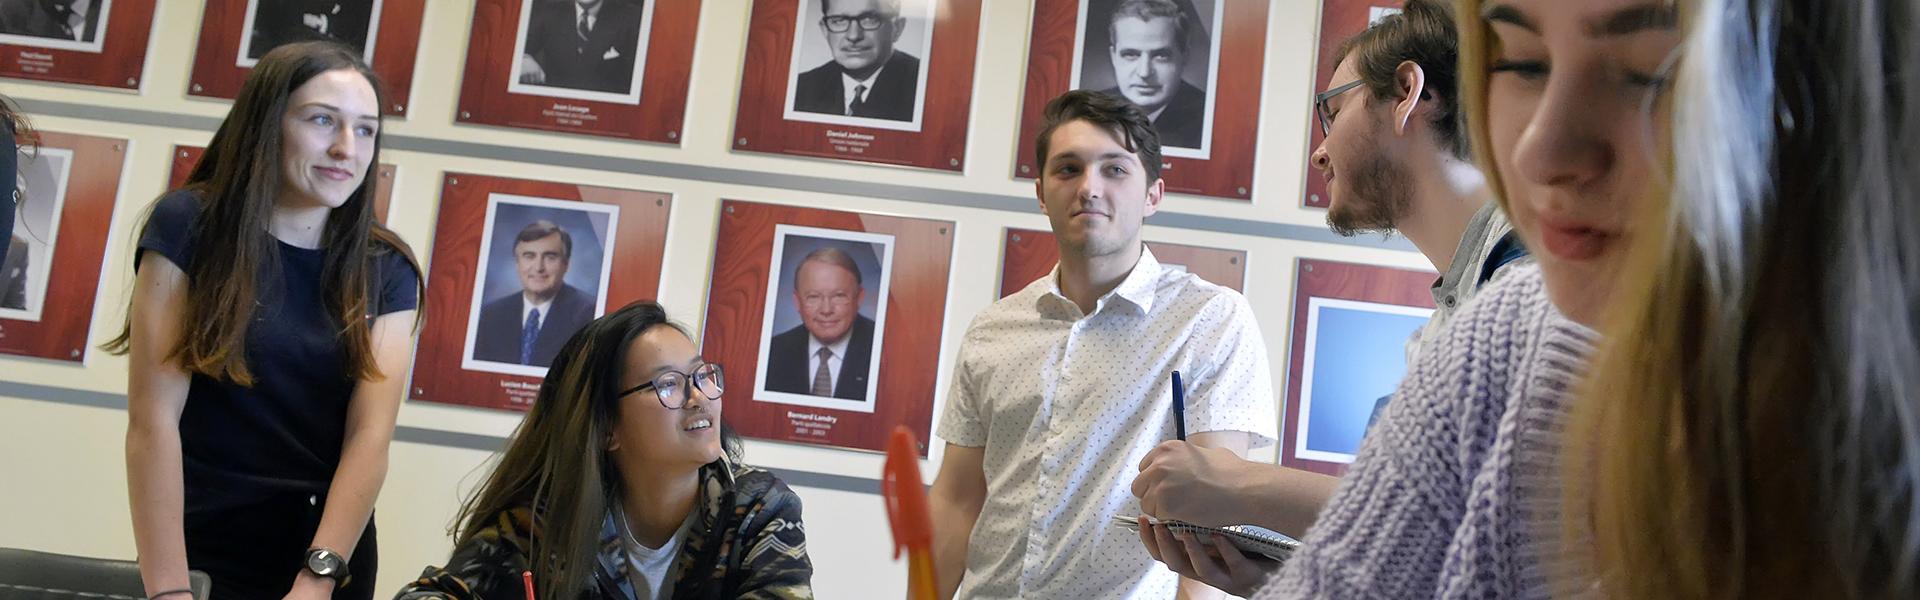 Des étudiants du programme Sciences humaines du Cégep de Sherbrooke